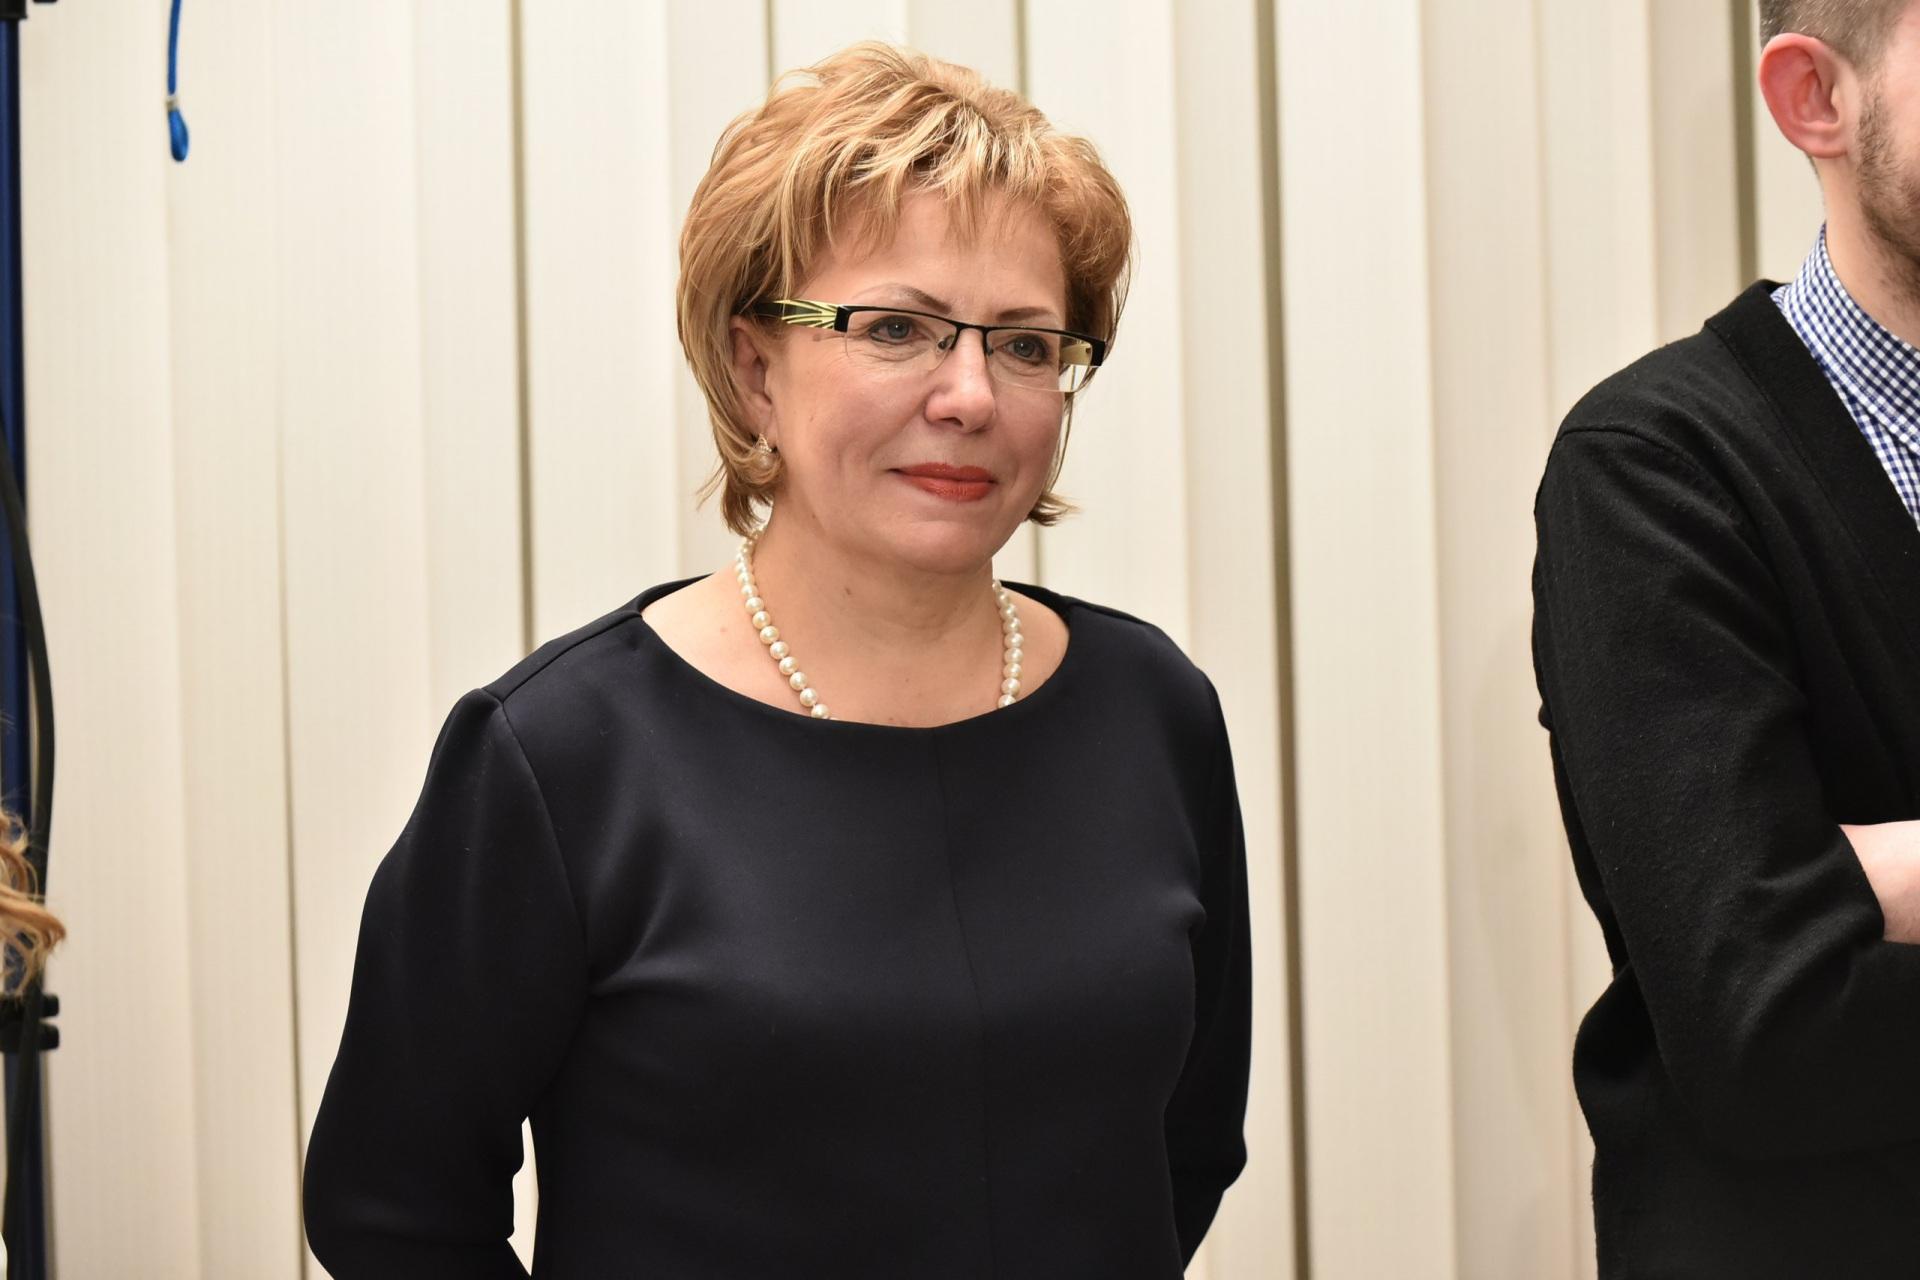 Каждая льгота и пособие должны действовать адресно и приносить пользу жителям - Надежда Дорофеева